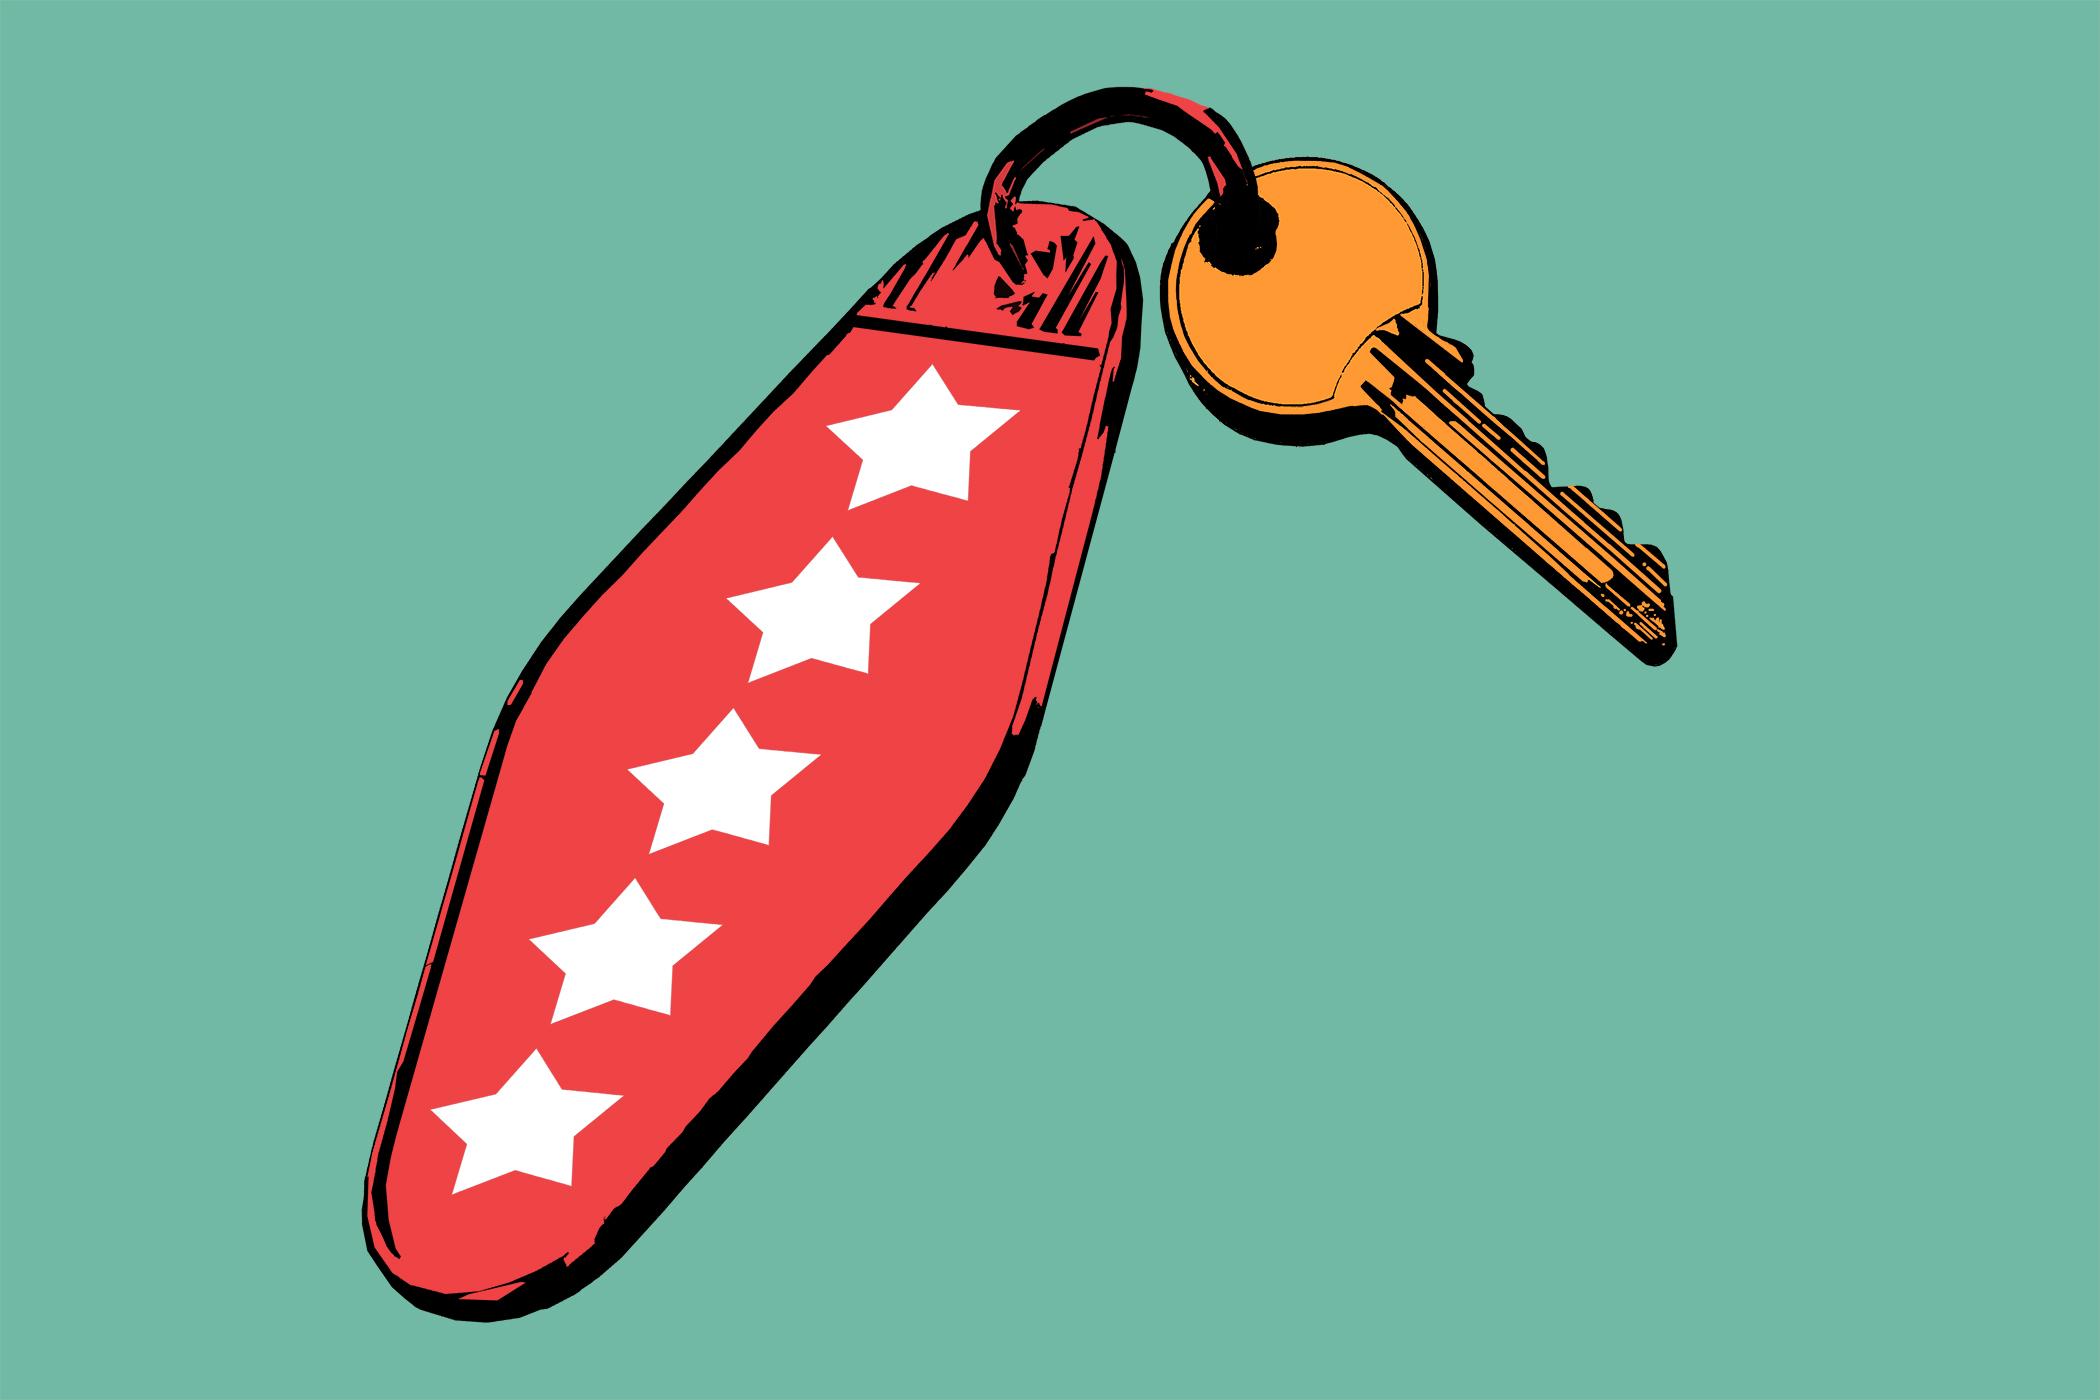 key with stars on keychain